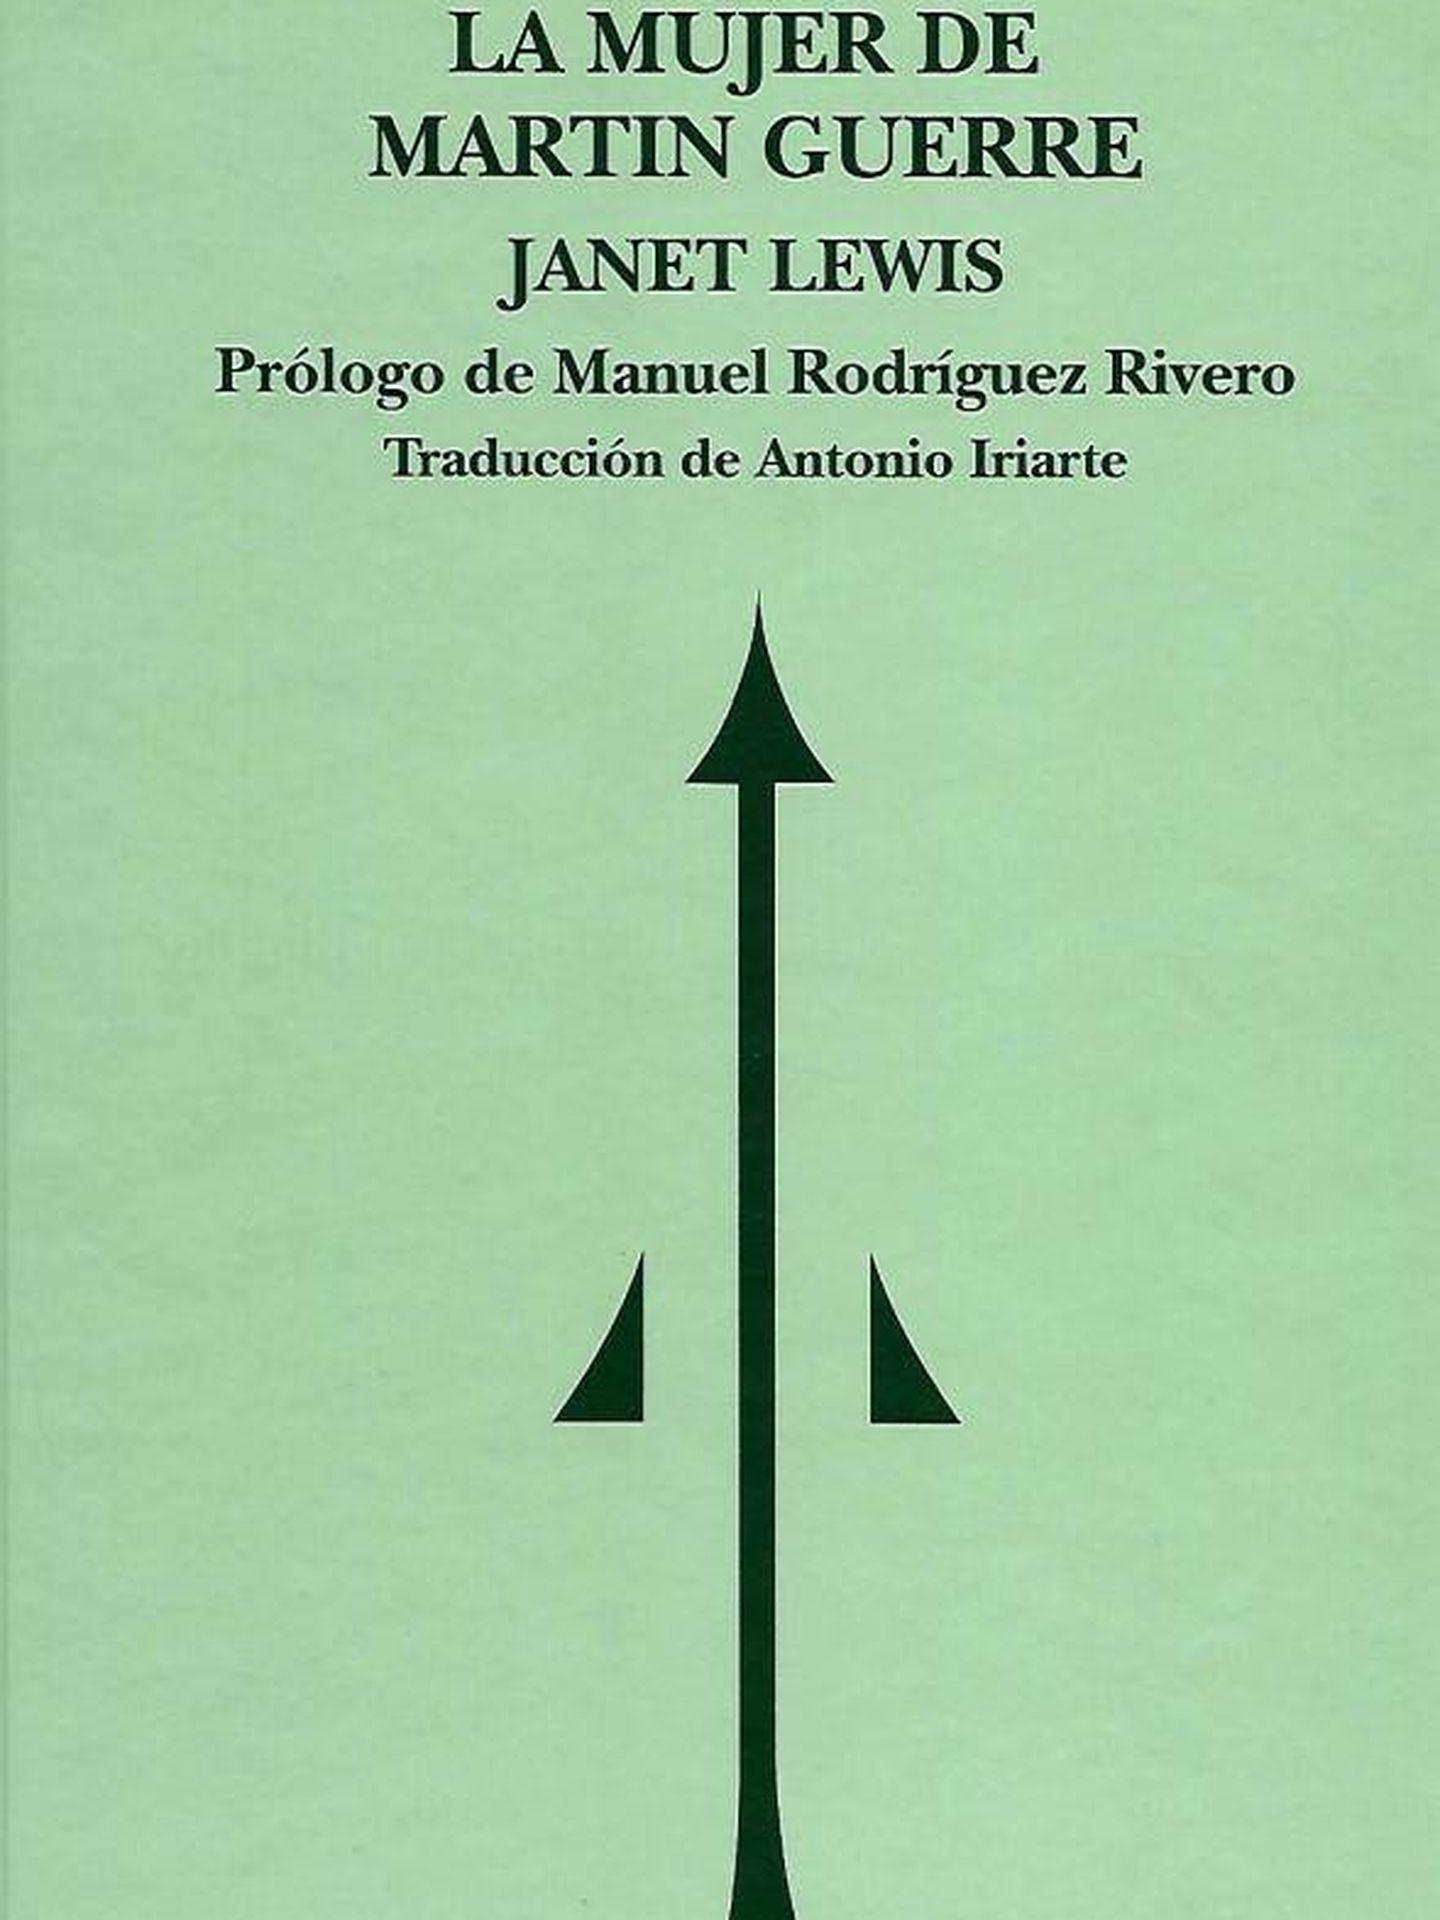 'La mujer de Martin Guerre'